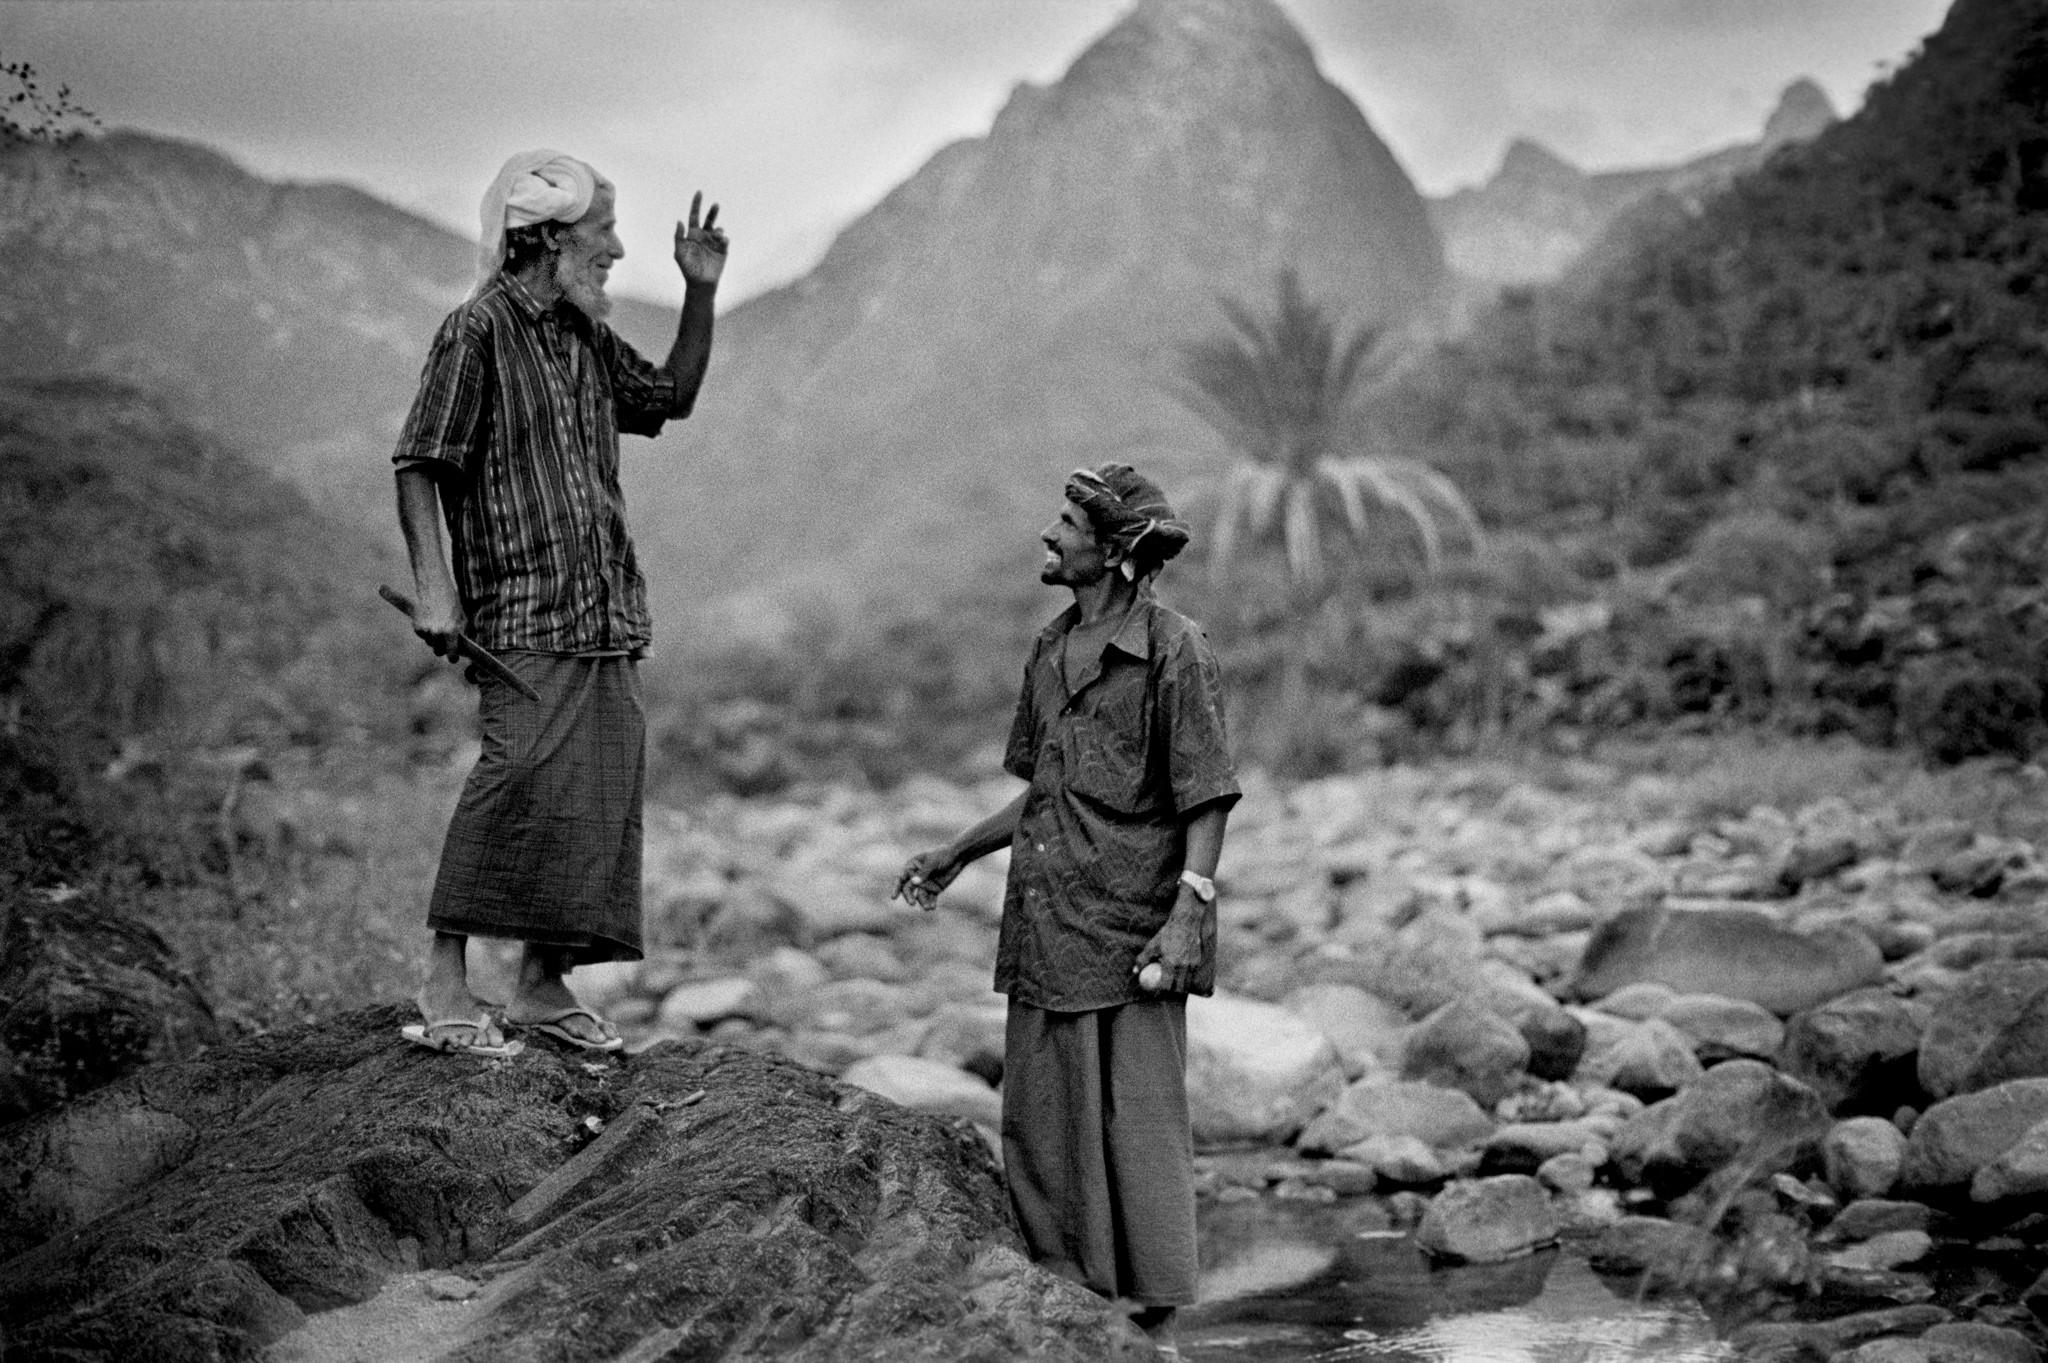 Sèrie: Socotra, l'illa dels genis. Conversa entre dos pastors